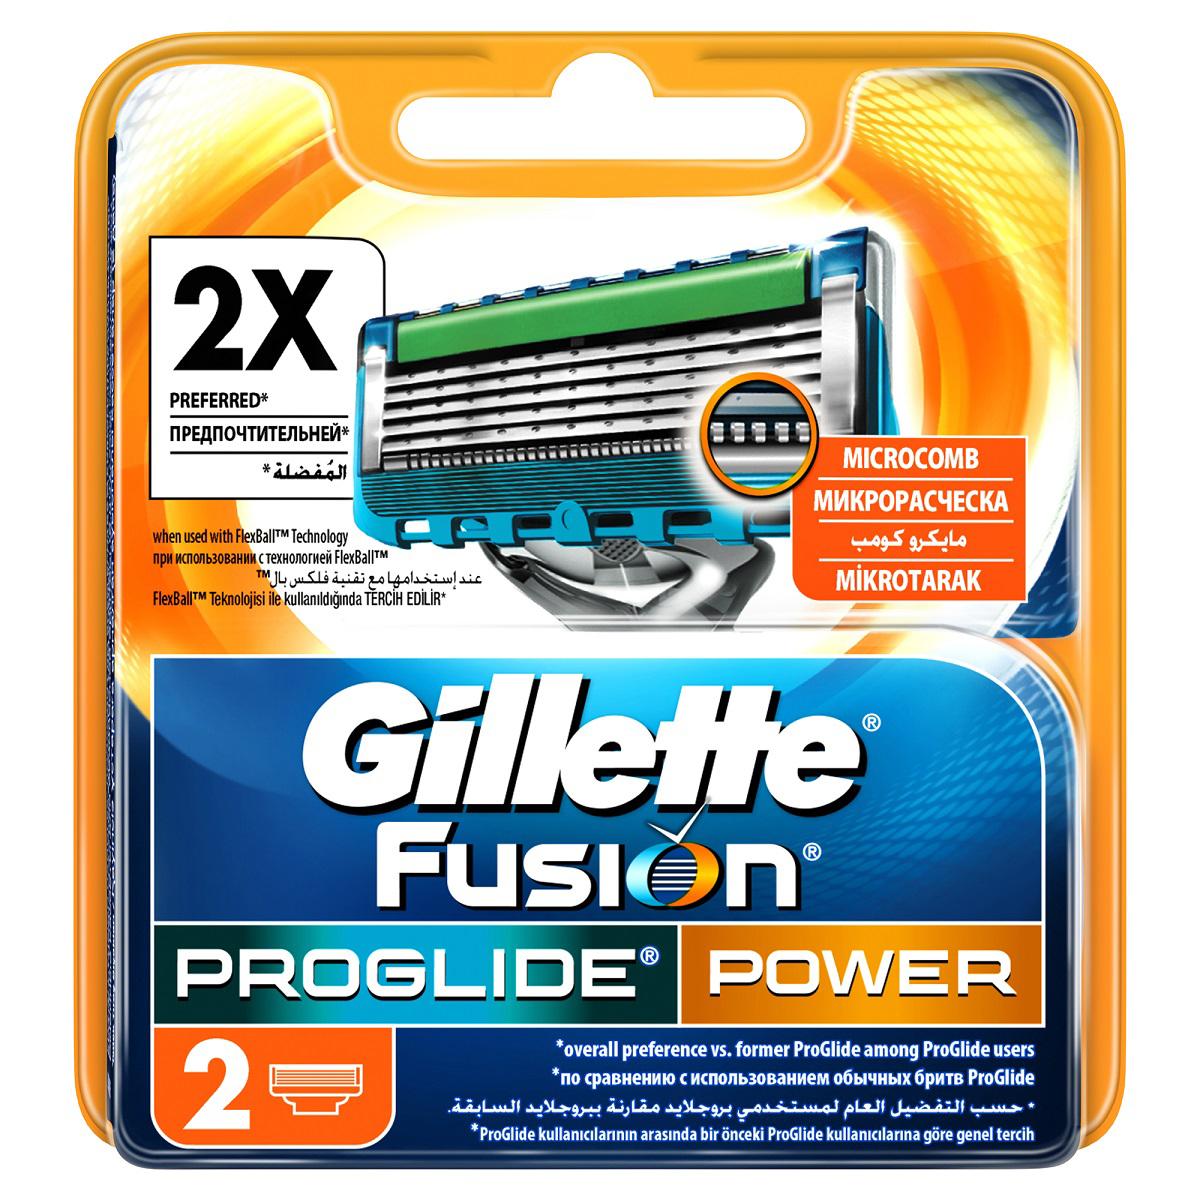 Gillette Сменные кассеты для бритья Fusion ProGlide Power, 2 шт.GIL-81469896Продукты Fusion ProGlide — лучшее бритье от Gillette! Используйте вместе со средствами для бритья Gillette Fusion ProGlide с формулой «2-в-1» (гель для бритья + уход за кожей) для достижения наилучшего результата.Характеристики продукта:- Самые тонкие лезвия Gillette для революционного скольжения и гладкости бритья (первые четыре лезвия по сравнению с Fusion).- Кассета с пятью лезвиями обеспечивает меньшее давление на кожу, уменьшая раздражение (по сравнению с Mach3).- Увеличенная смазывающая полоска с добавлением минеральных масел (по сравнению с Fusion).- Каналы для удаления излишков геля.- Улучшенное лезвие-триммер на обратной стороне кассеты (по сравнению с Fusion).- Стабилизатор лезвий.- Микрорасческа направляет волоски точно к лезвиям.- Подходят к бритвам Gillette Fusion ProGlide с технологией FlexBall (включая версию Power).Gillette. Лучше для мужчины нет.